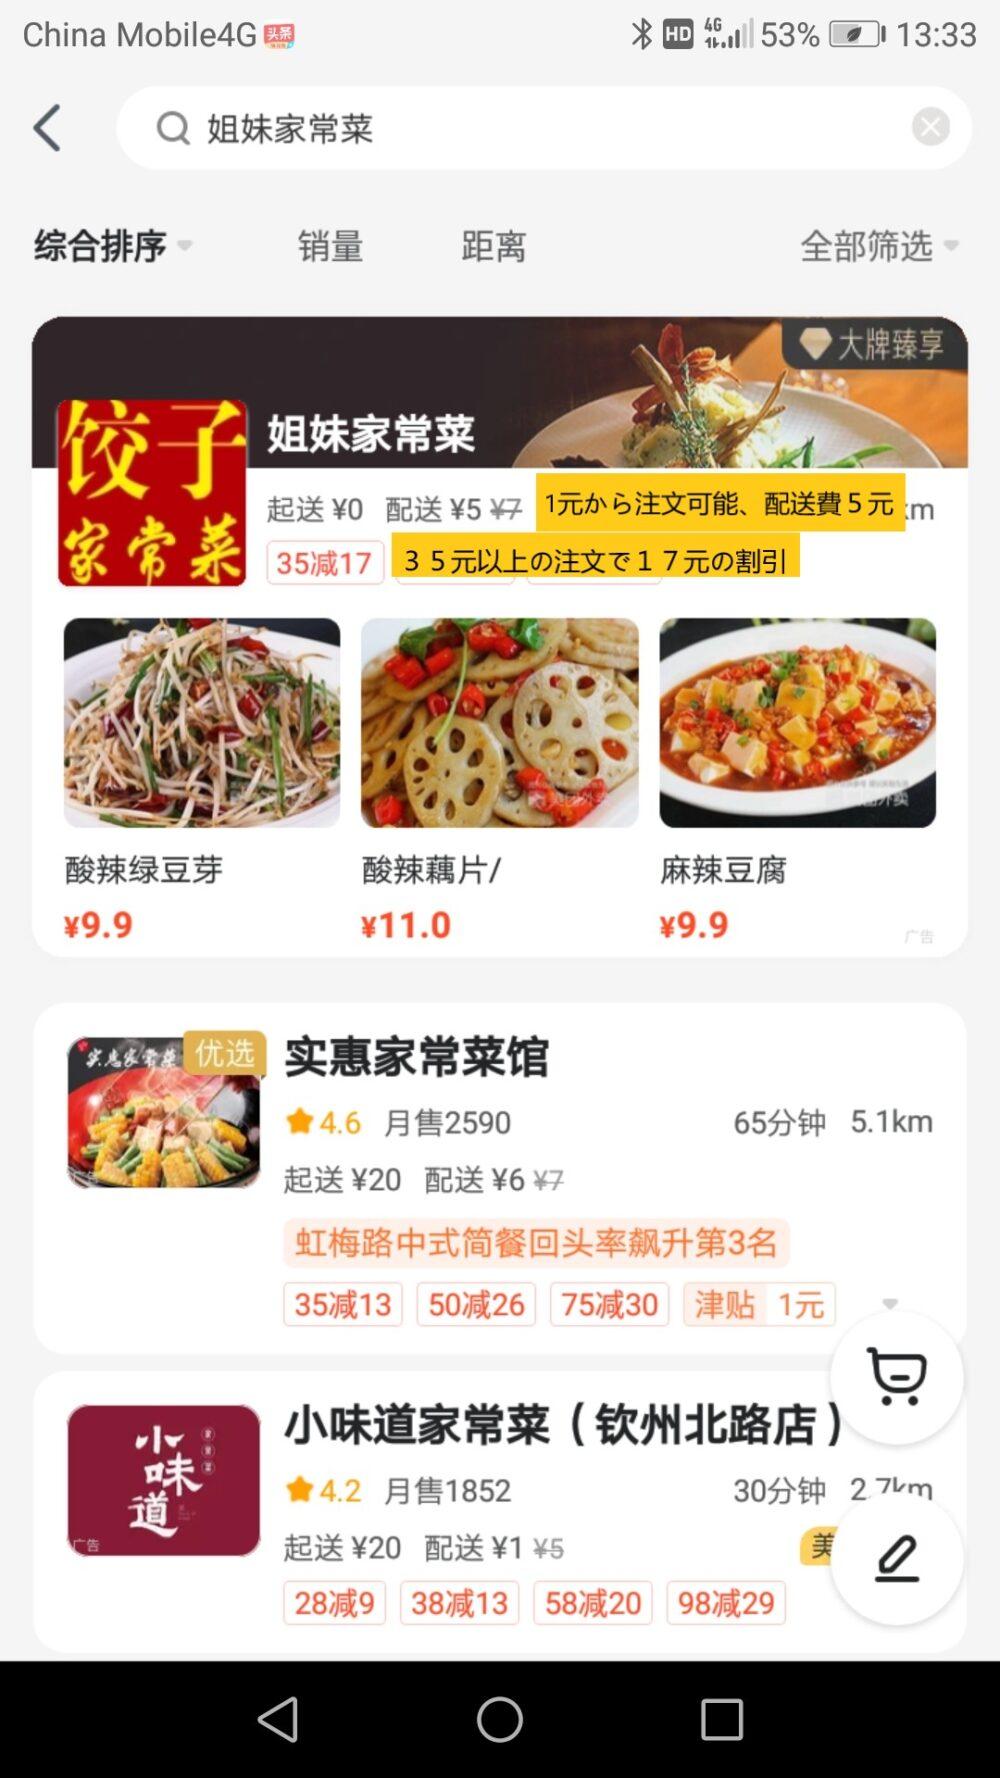 デリバリーアプリ美团を利用して姐妹家常菜で注文している画面をスクリーンショットした画像